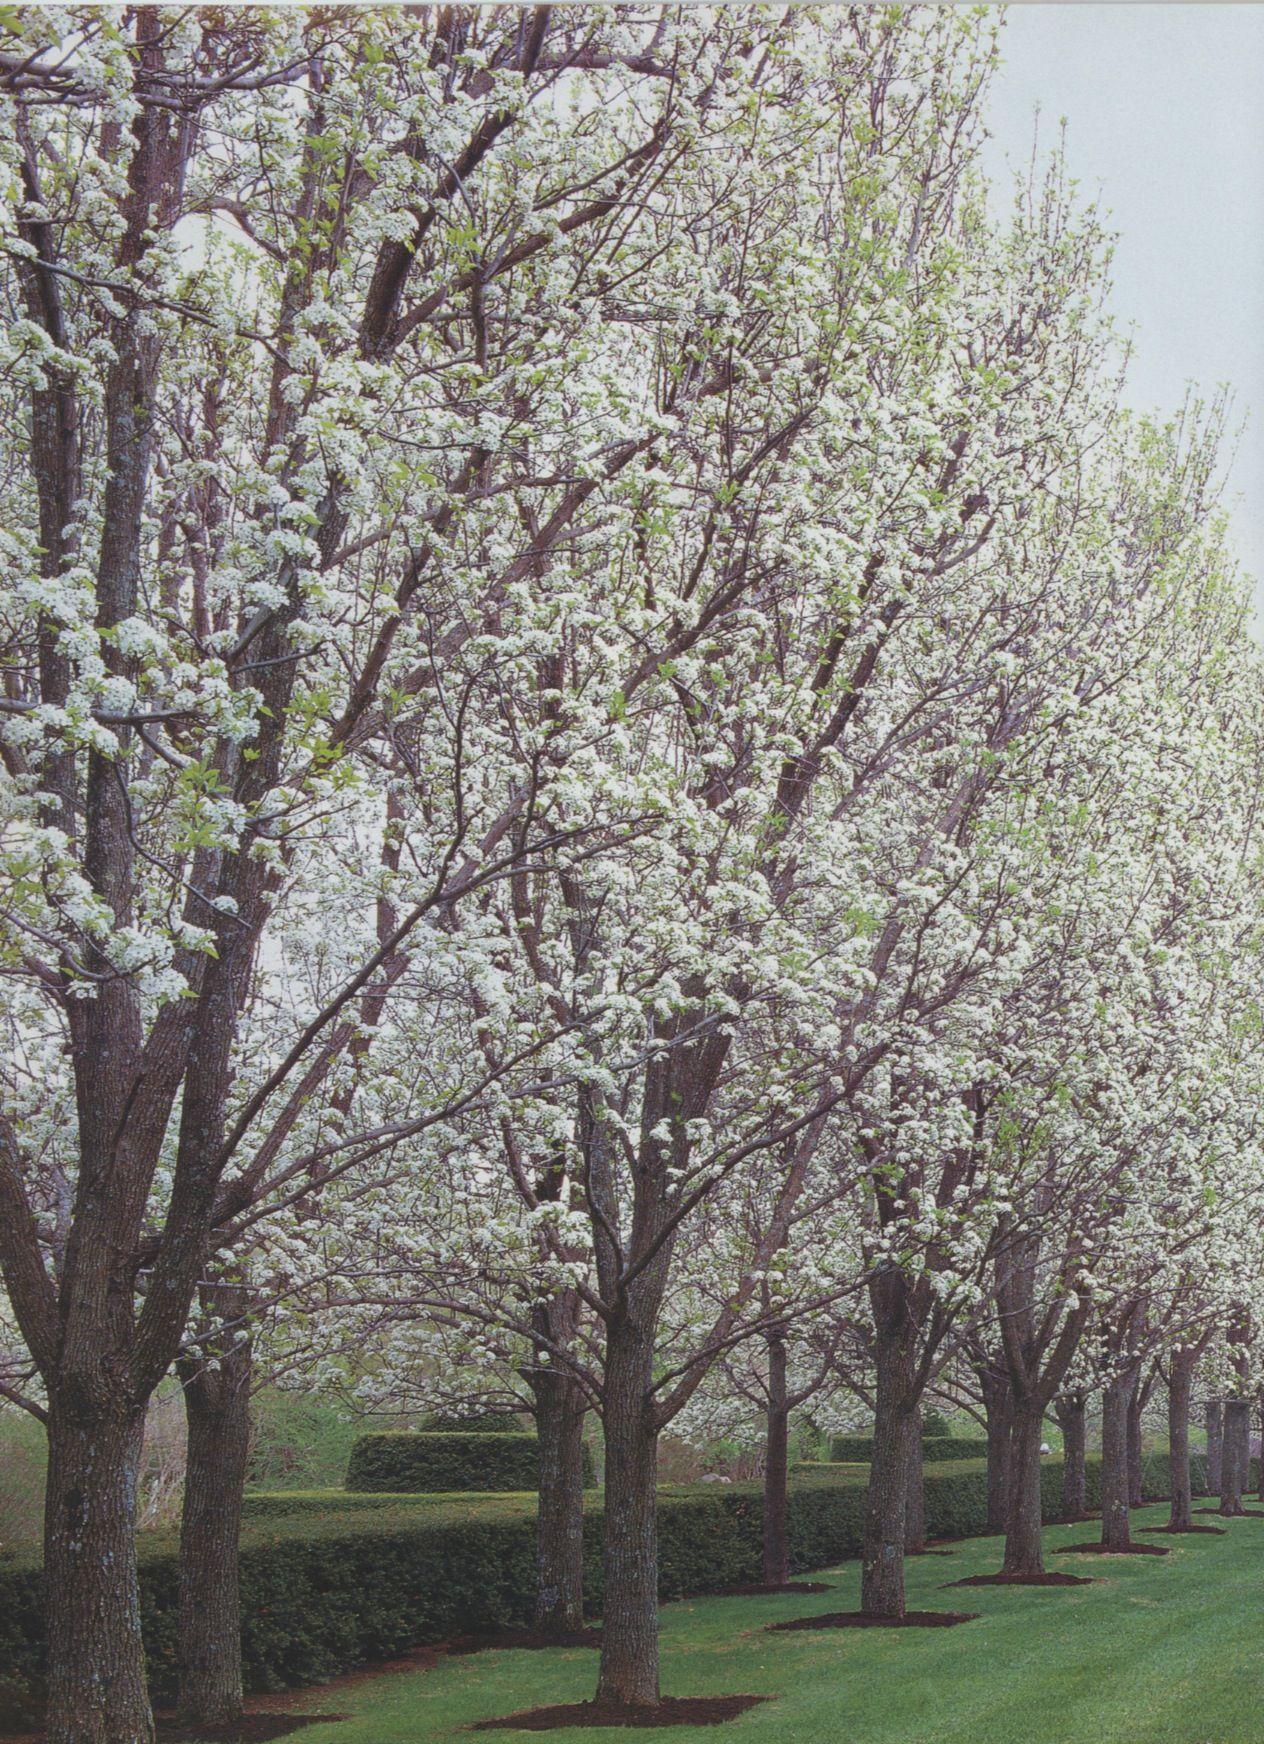 Pin by Lohman on Gardens, Landscape Landscape